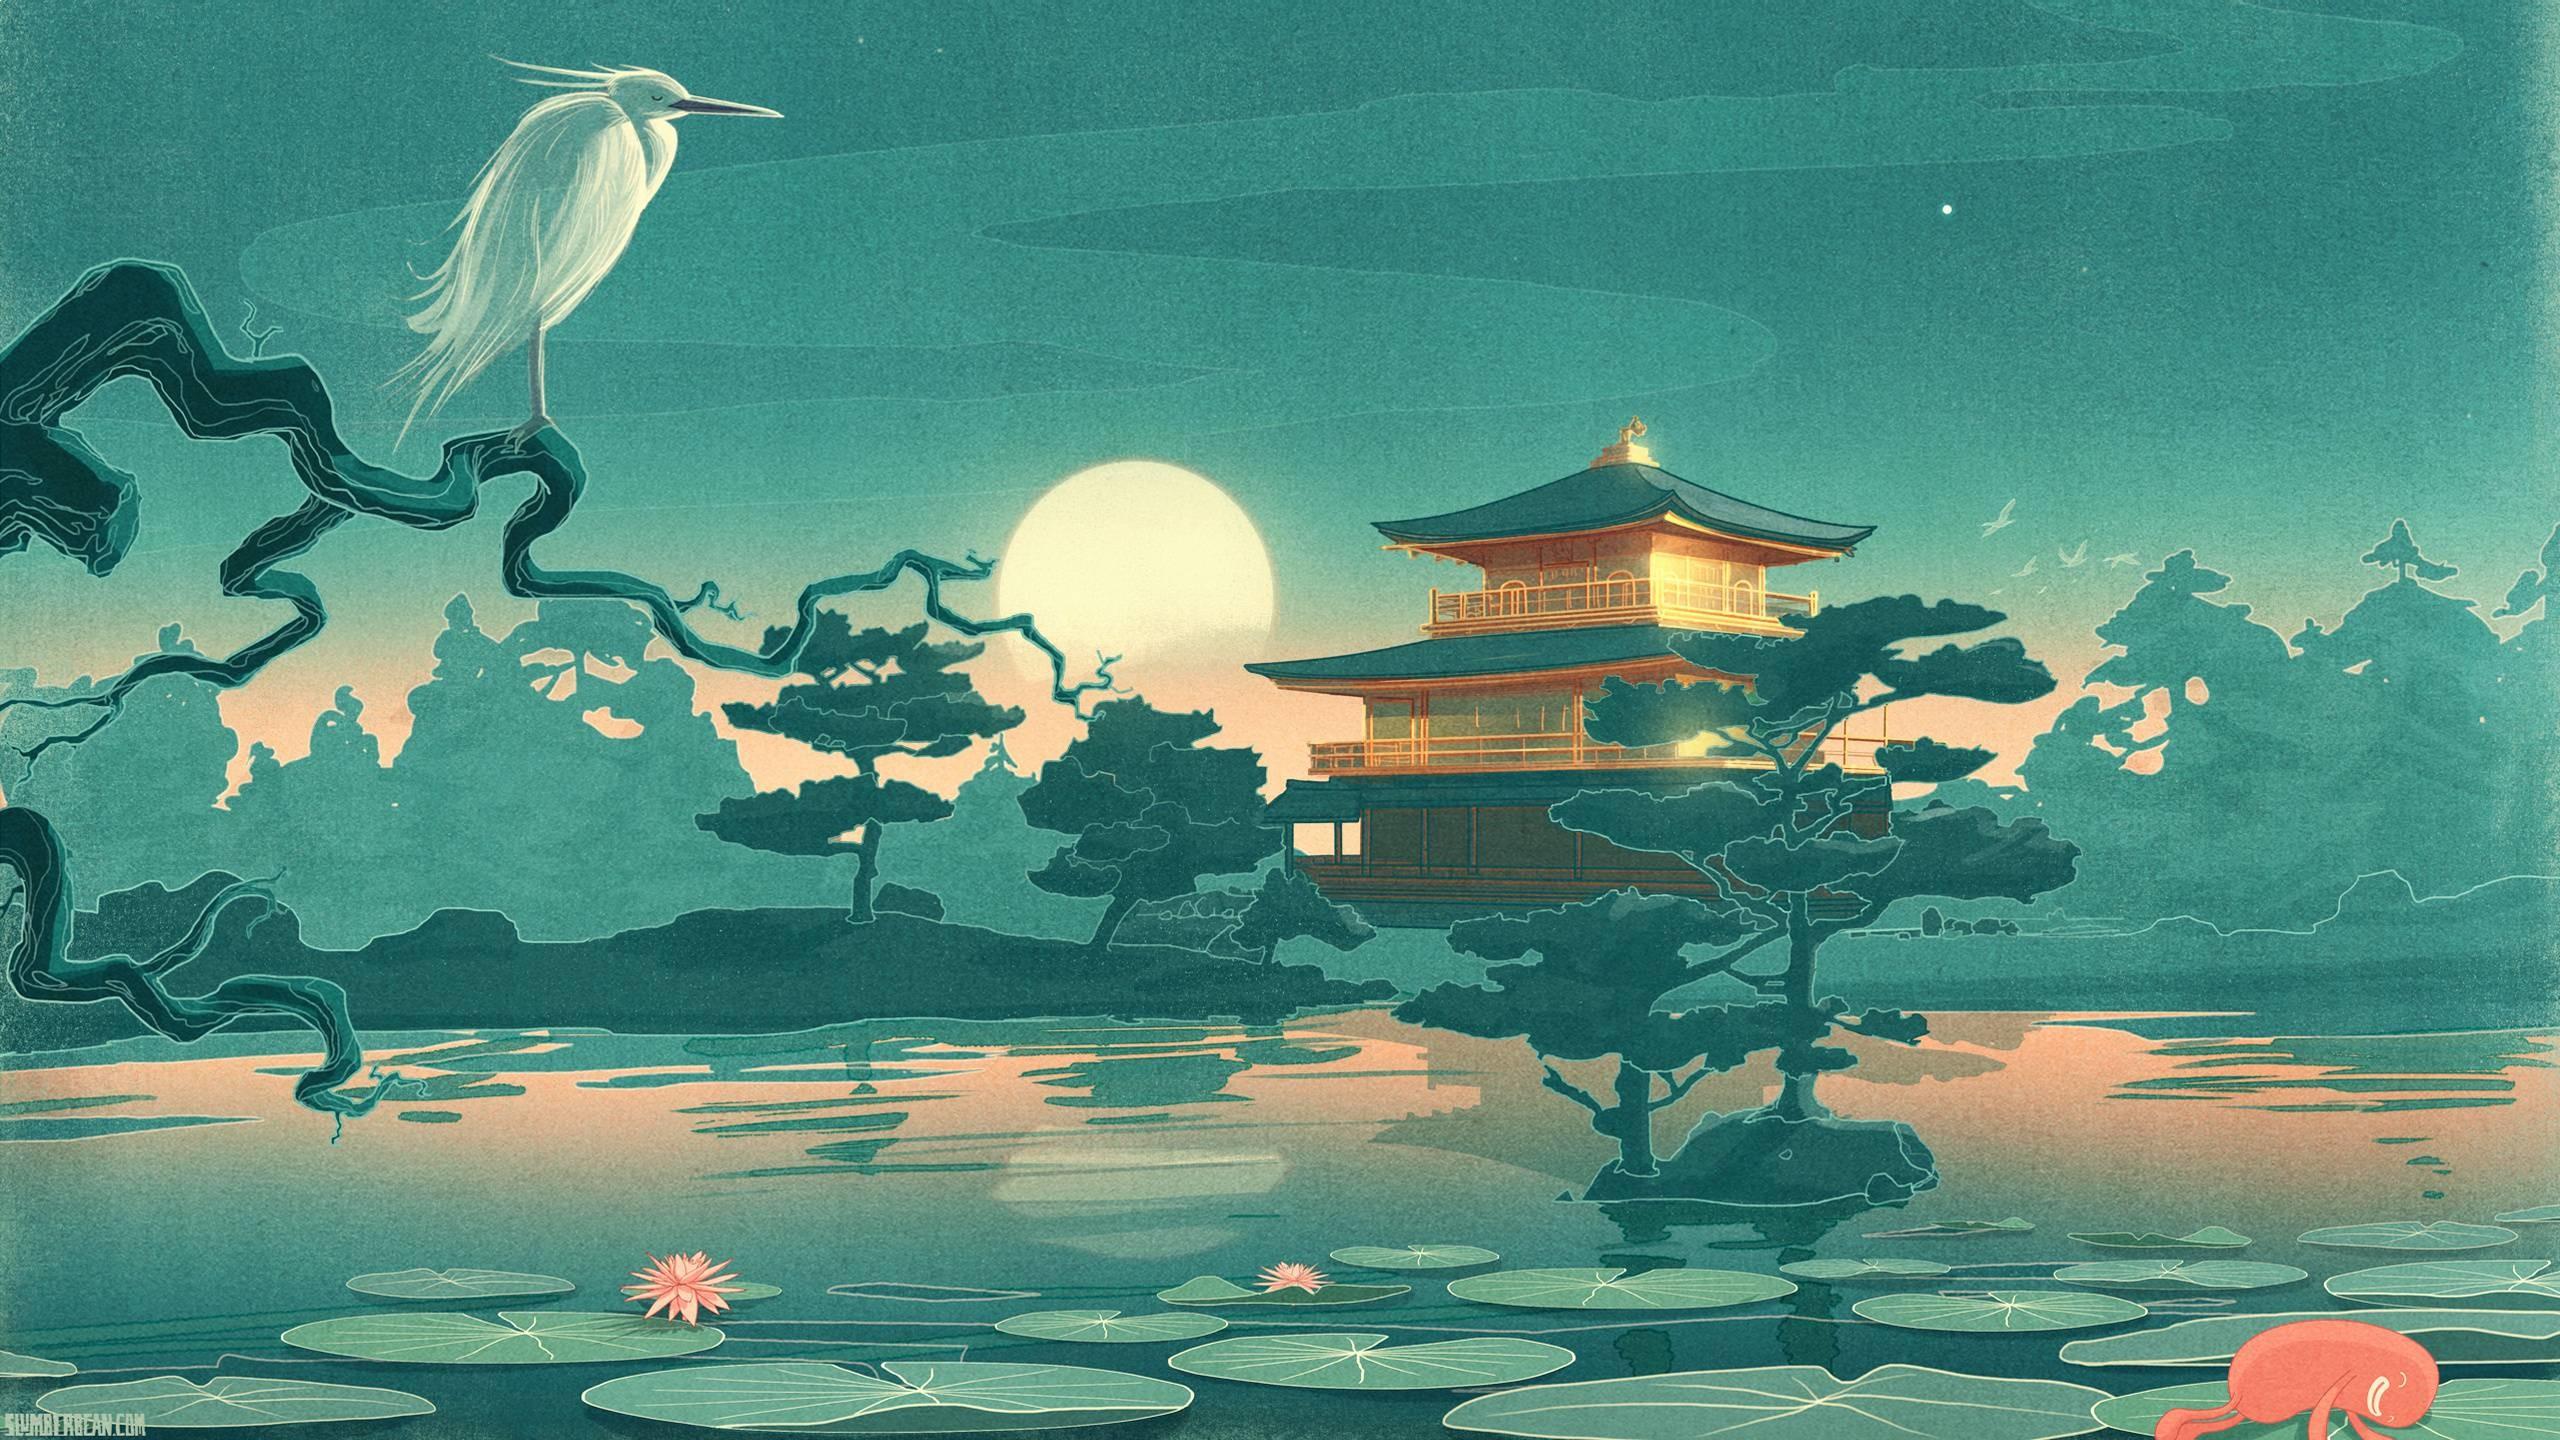 Japanese Art Wallpaper 58 Images